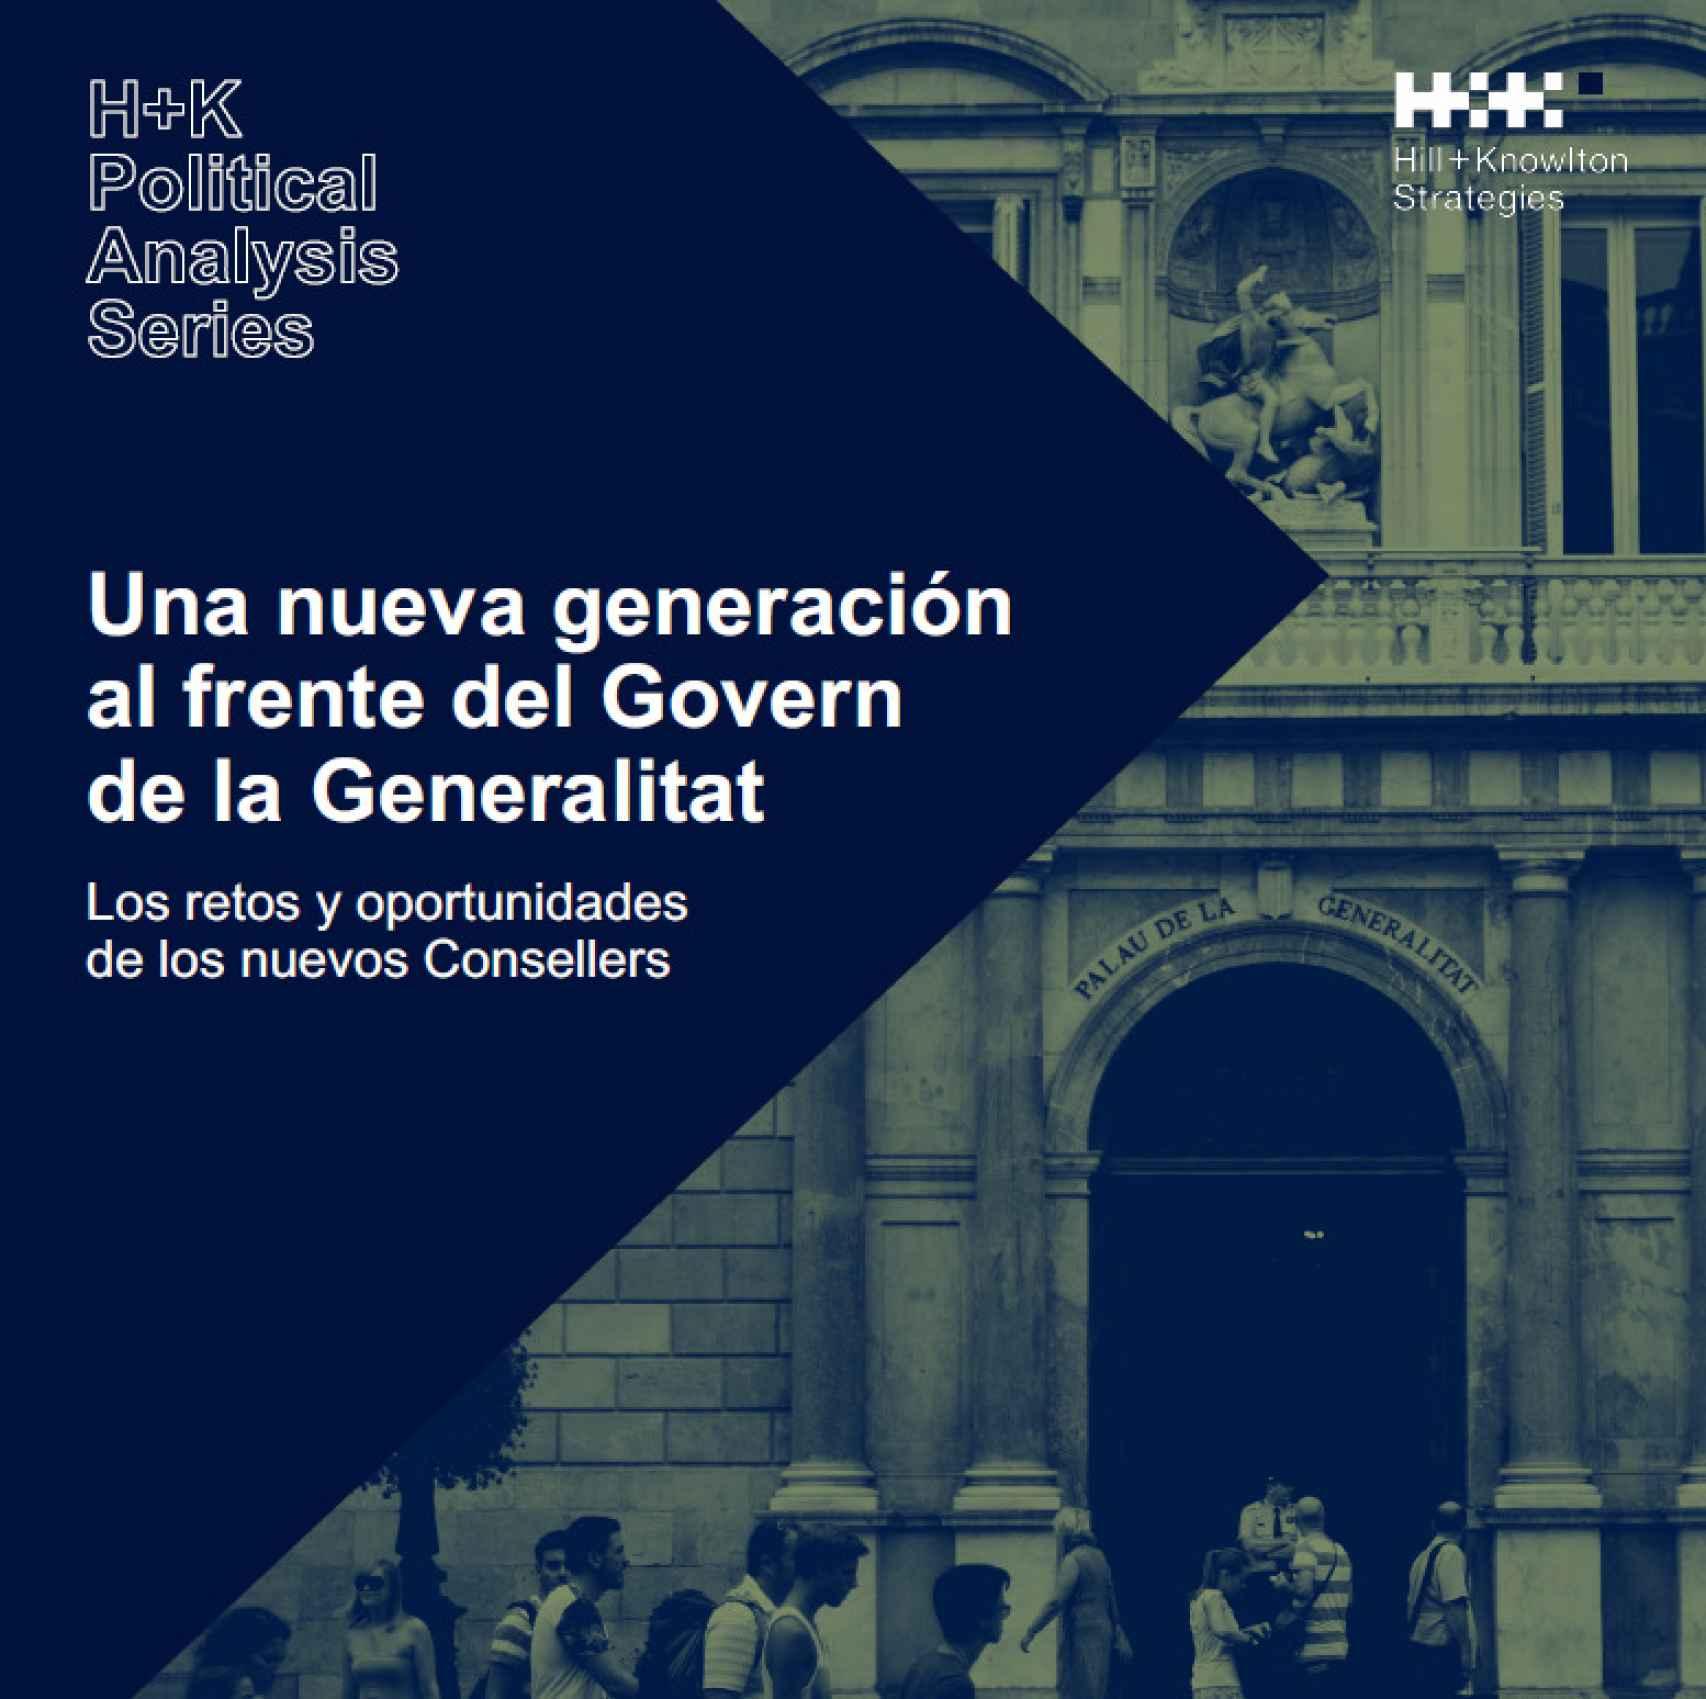 Informe del nuevo 'Govern', dirigido por Francesc Vallès, director de la consultora H+K.